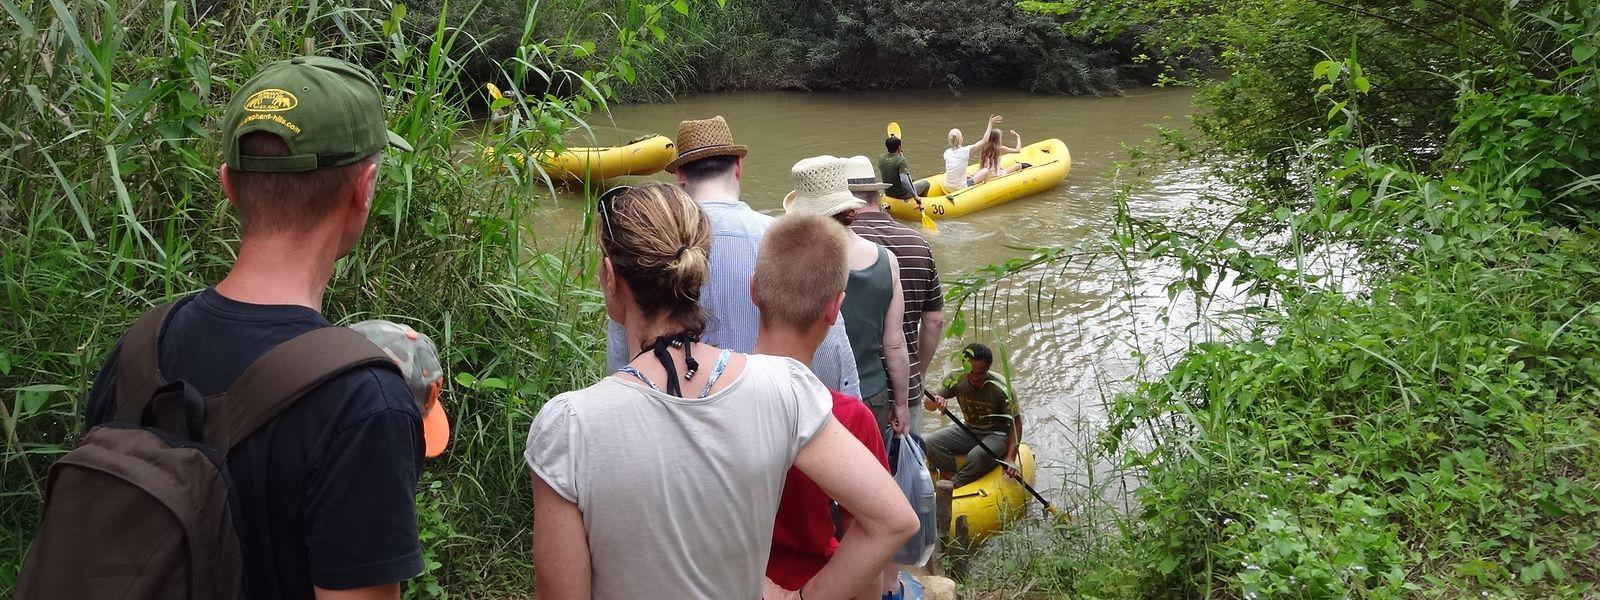 Die Schlauchboot-Tour auf dem Sok-Fluss im Khao-Sok-Nationalpark führt durch unberührte Natur.